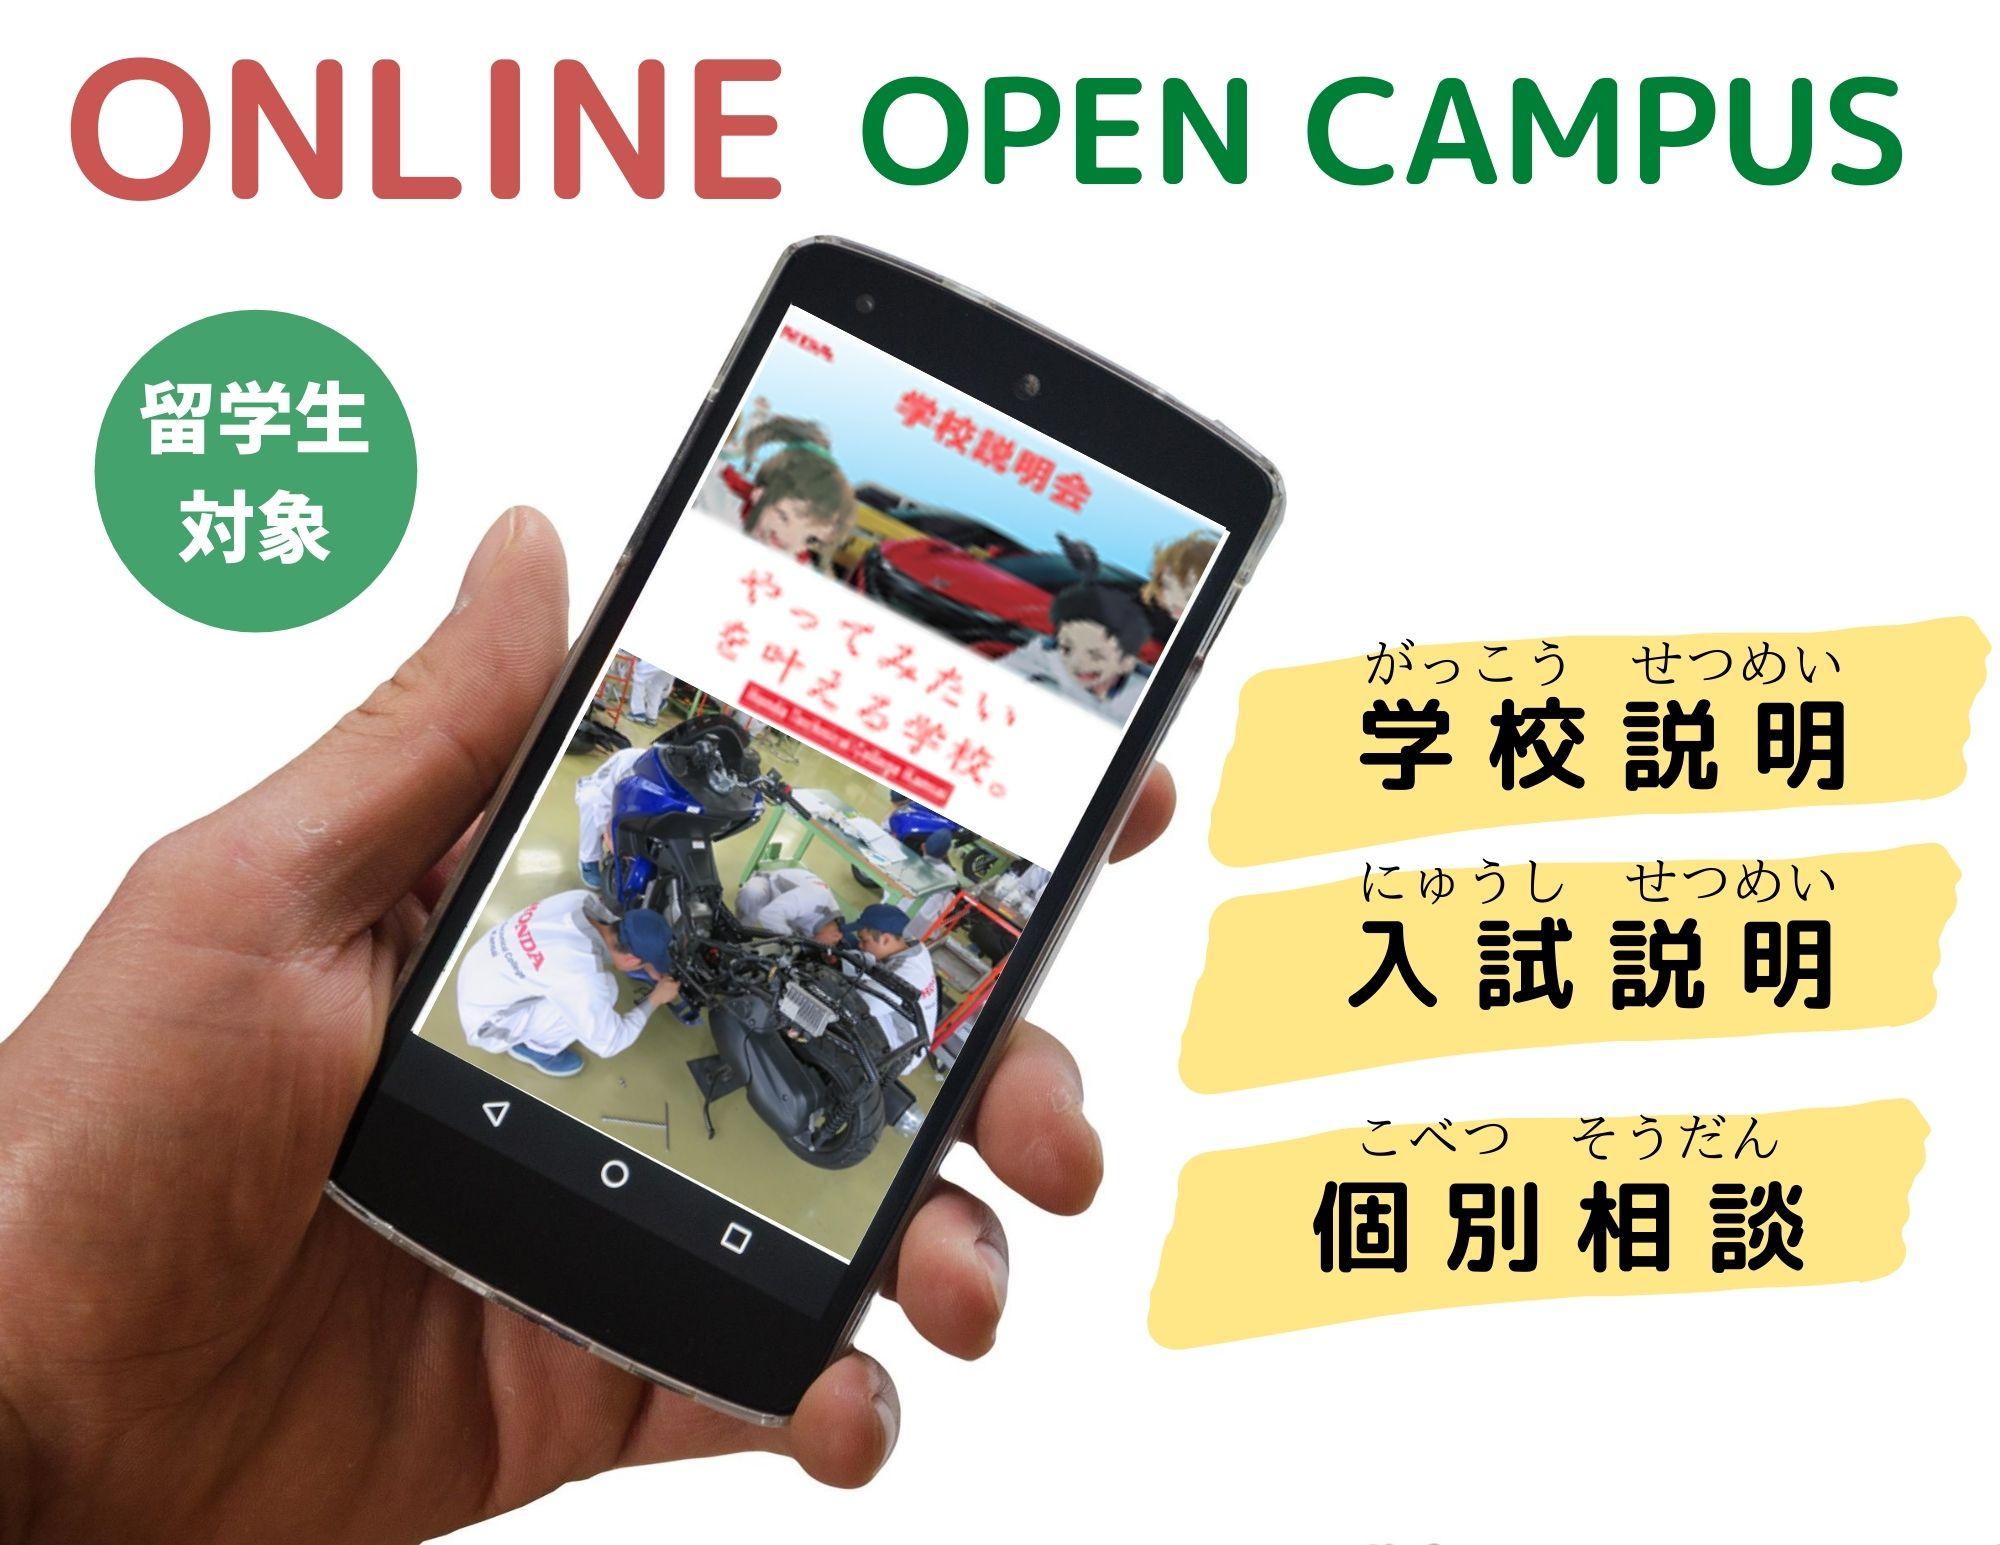 【留学生専用】ONLINE OPEN CAMPUS